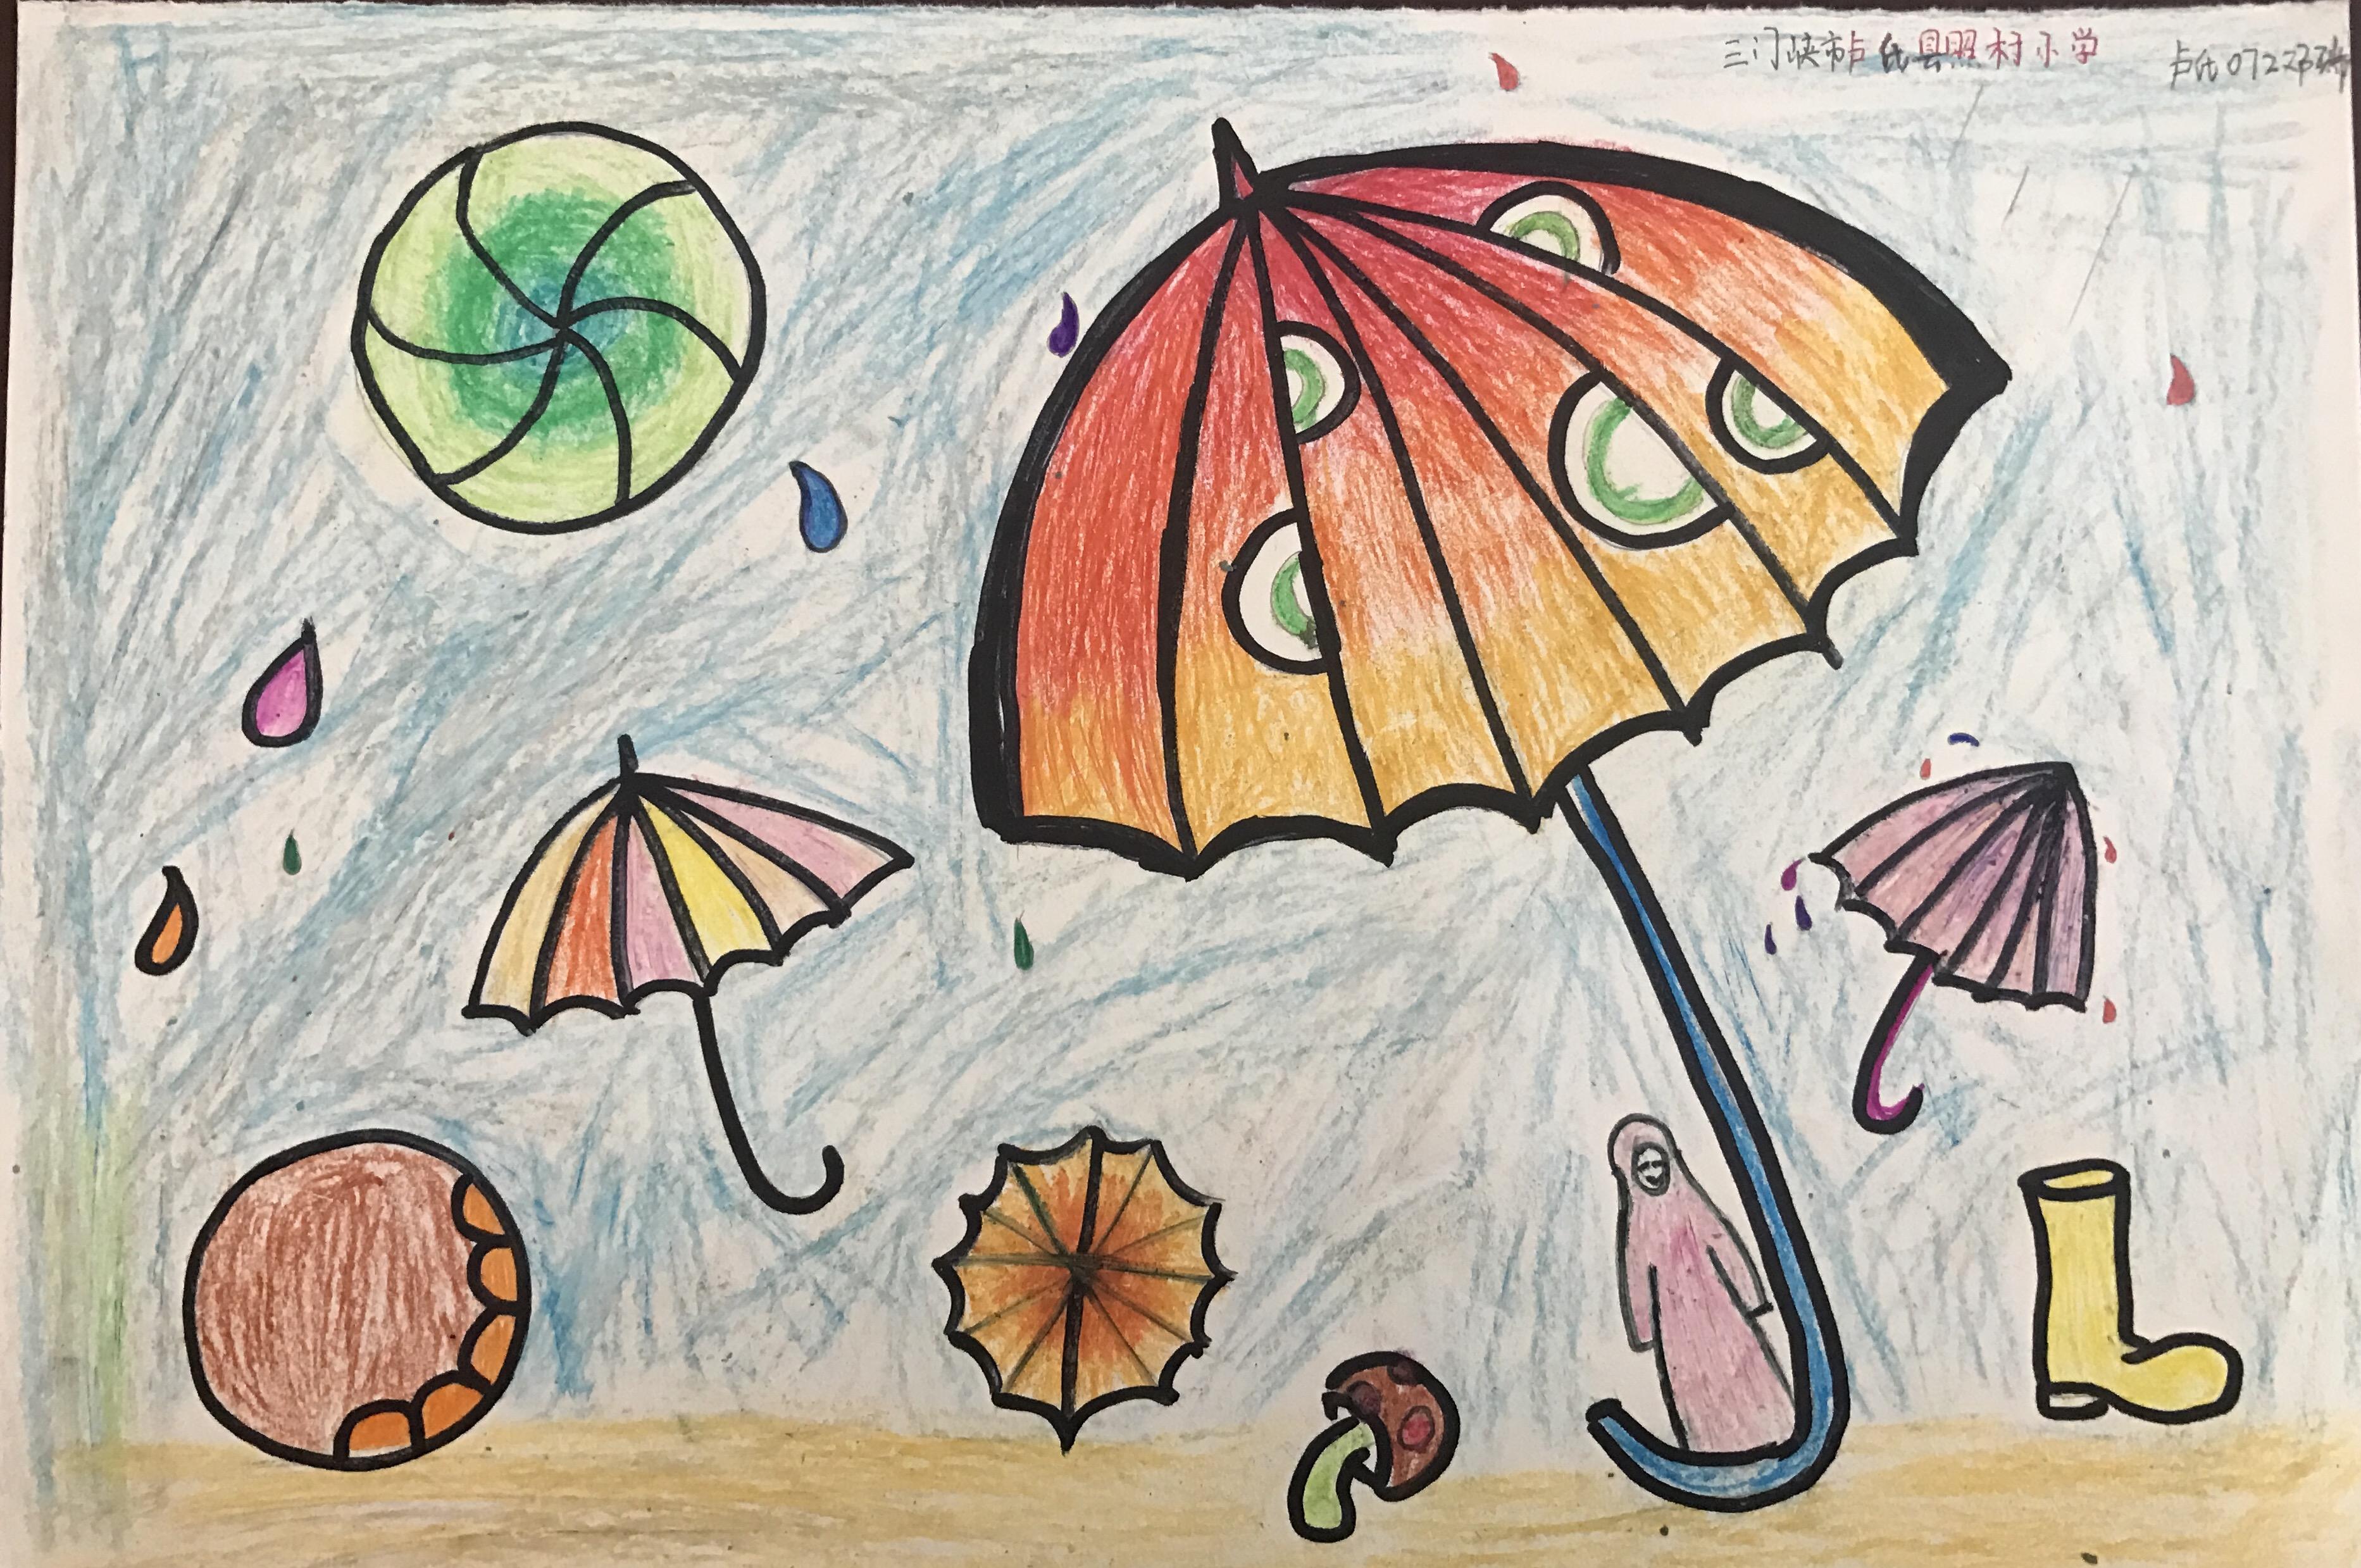 小时候总用铅笔画,现在接触小学生才发现,简笔画加上蜡笔染色也很漂亮